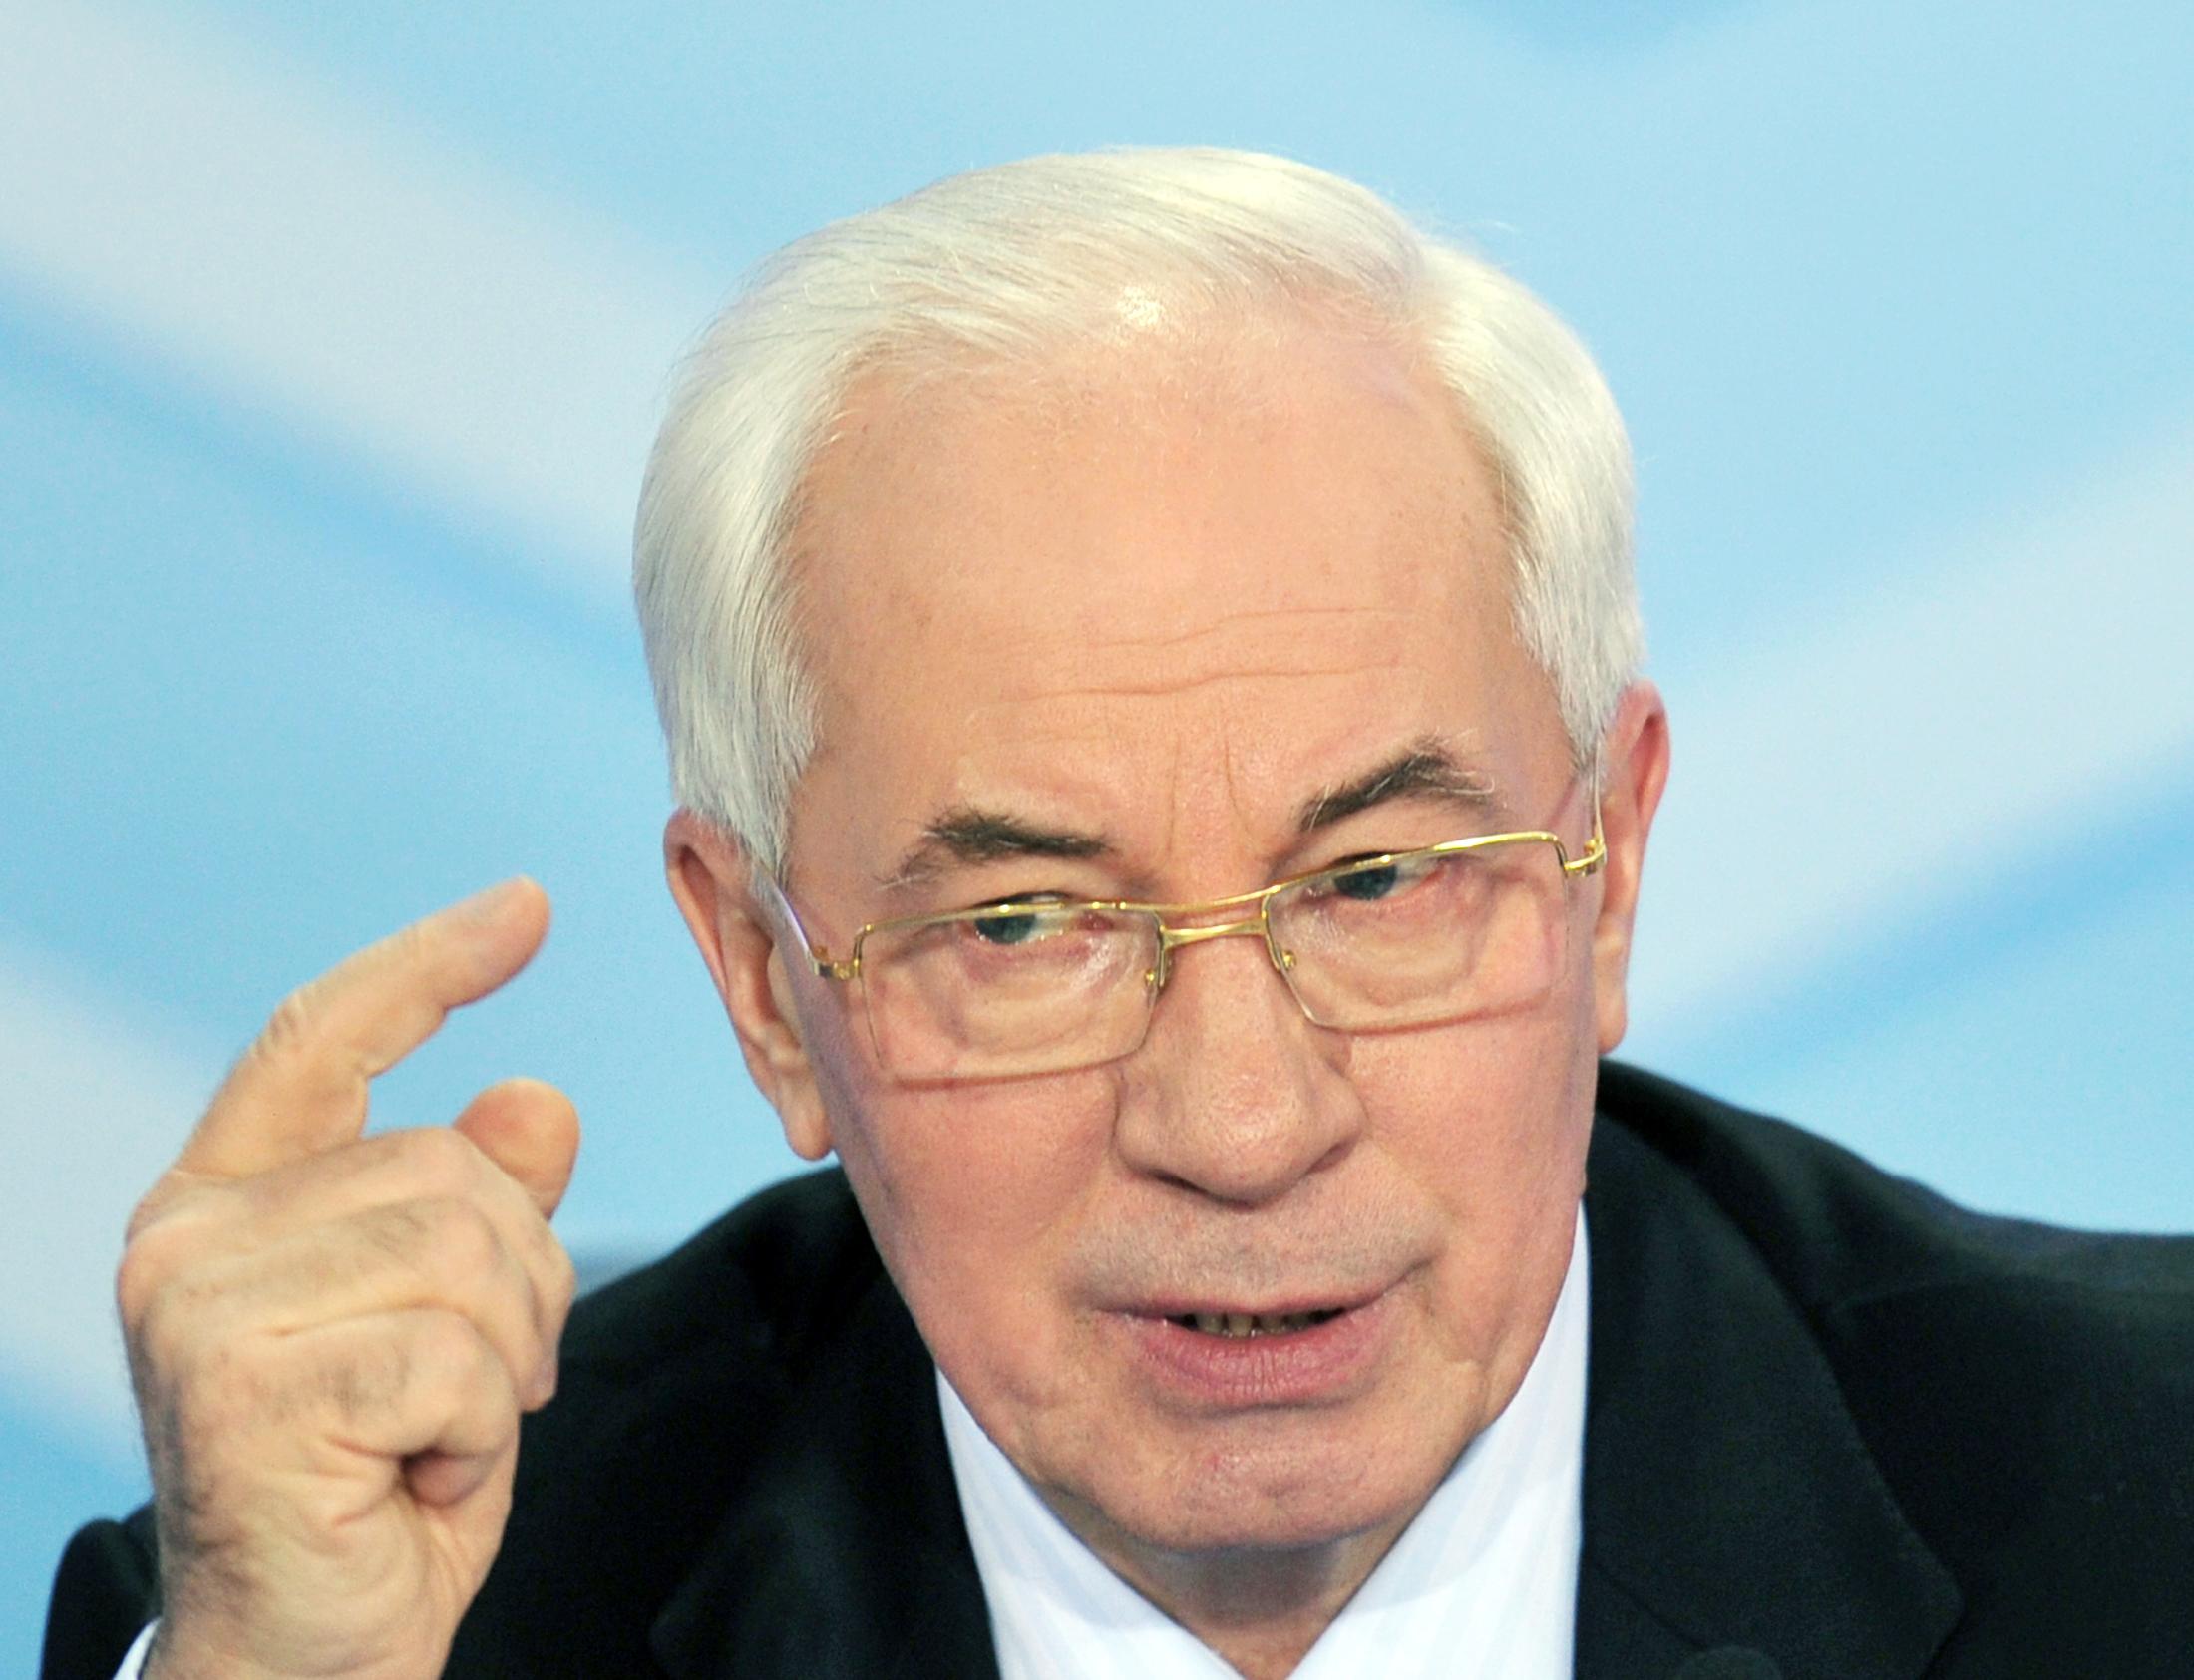 Прес-секретар: Азаров не подавав у відставку